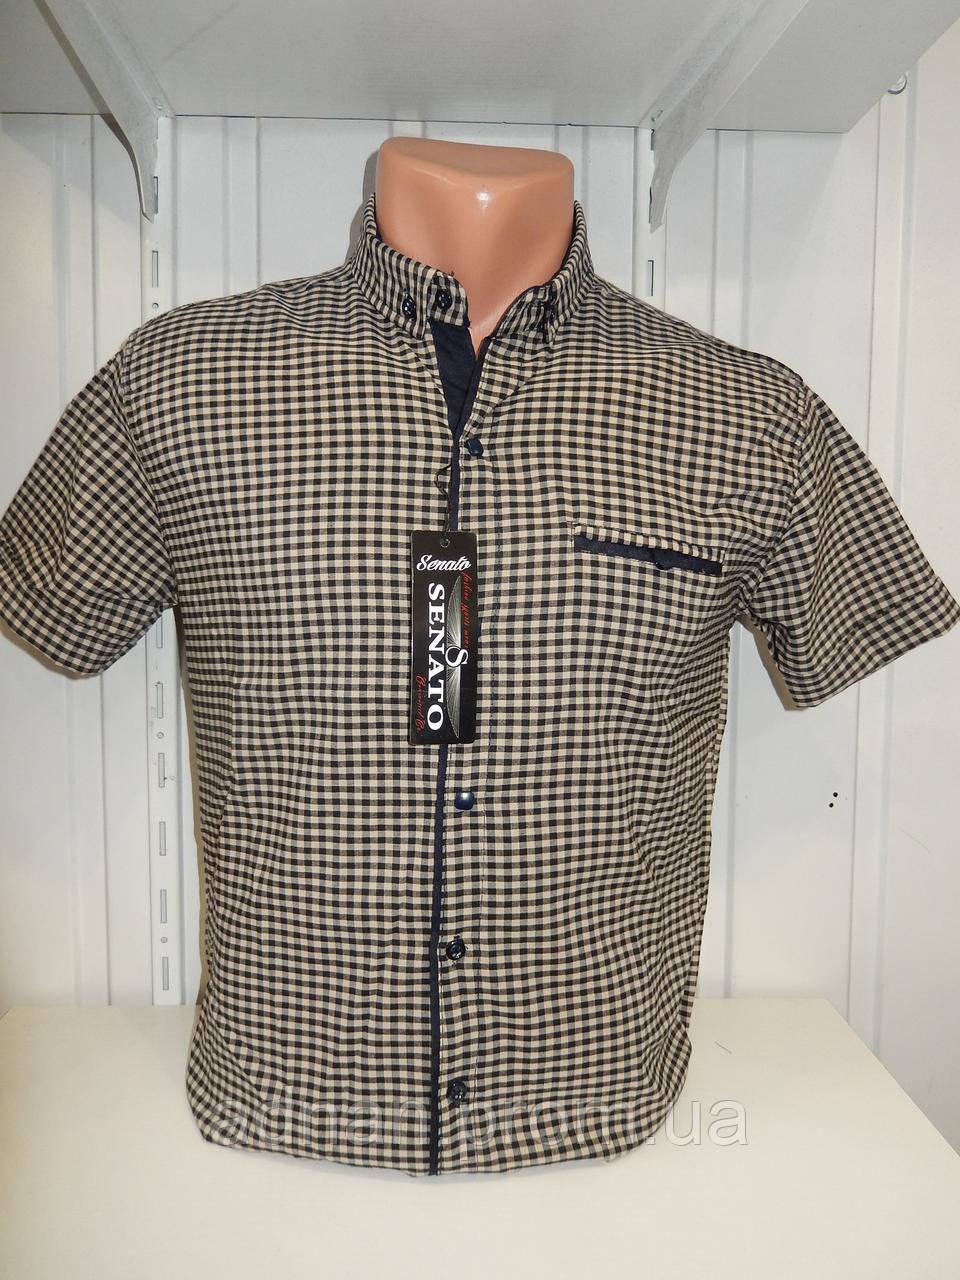 Рубашка мужская CORM короткий рукав, мелкая клетка, стрейч котон 013 \ купить рубашку оптом.